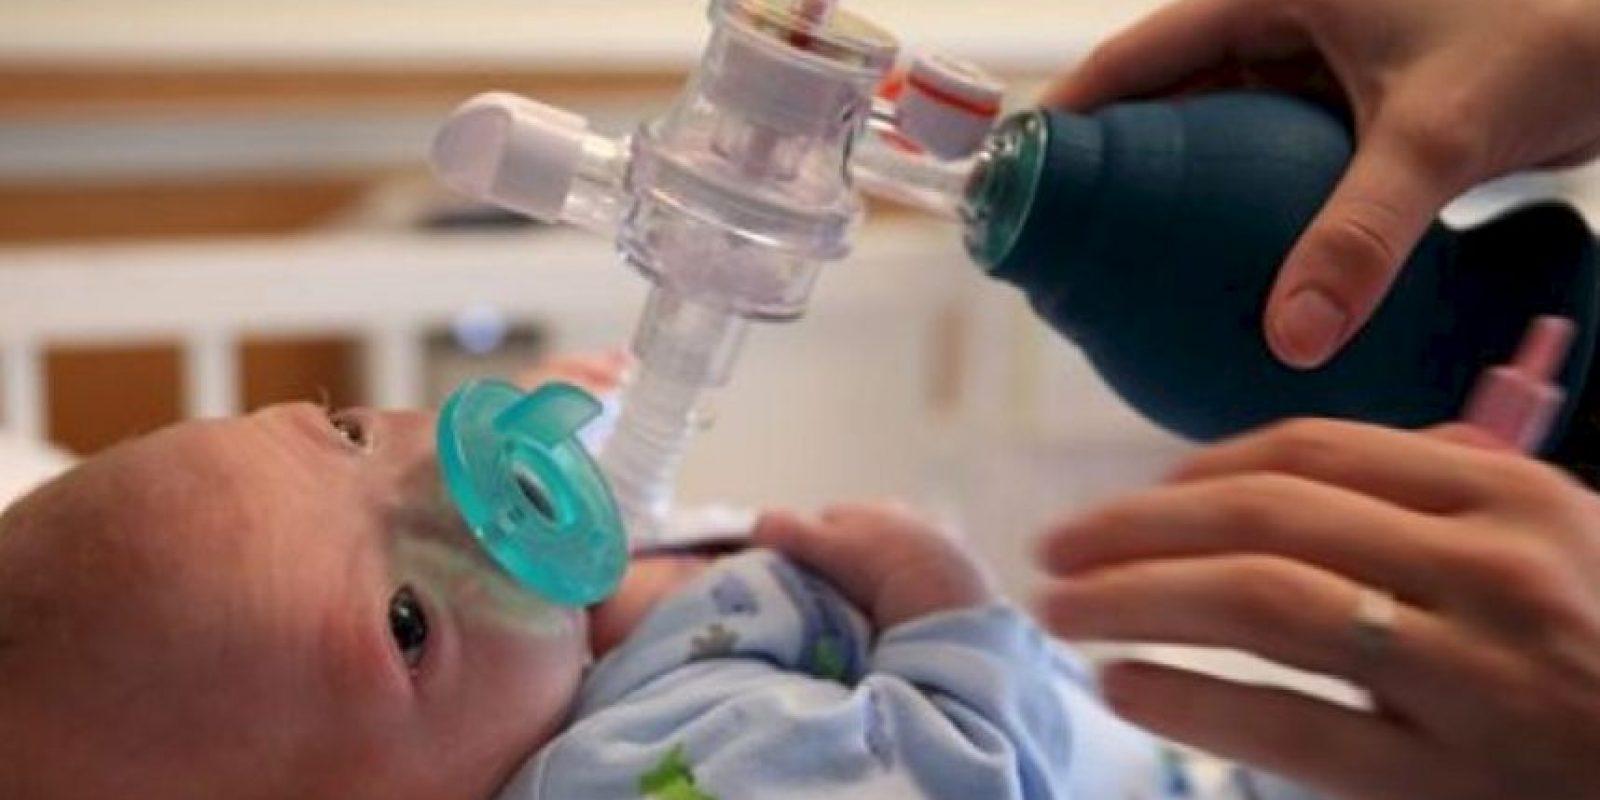 Su madre aprendió a lactar con él a pesar de su condición. Foto:vía AP